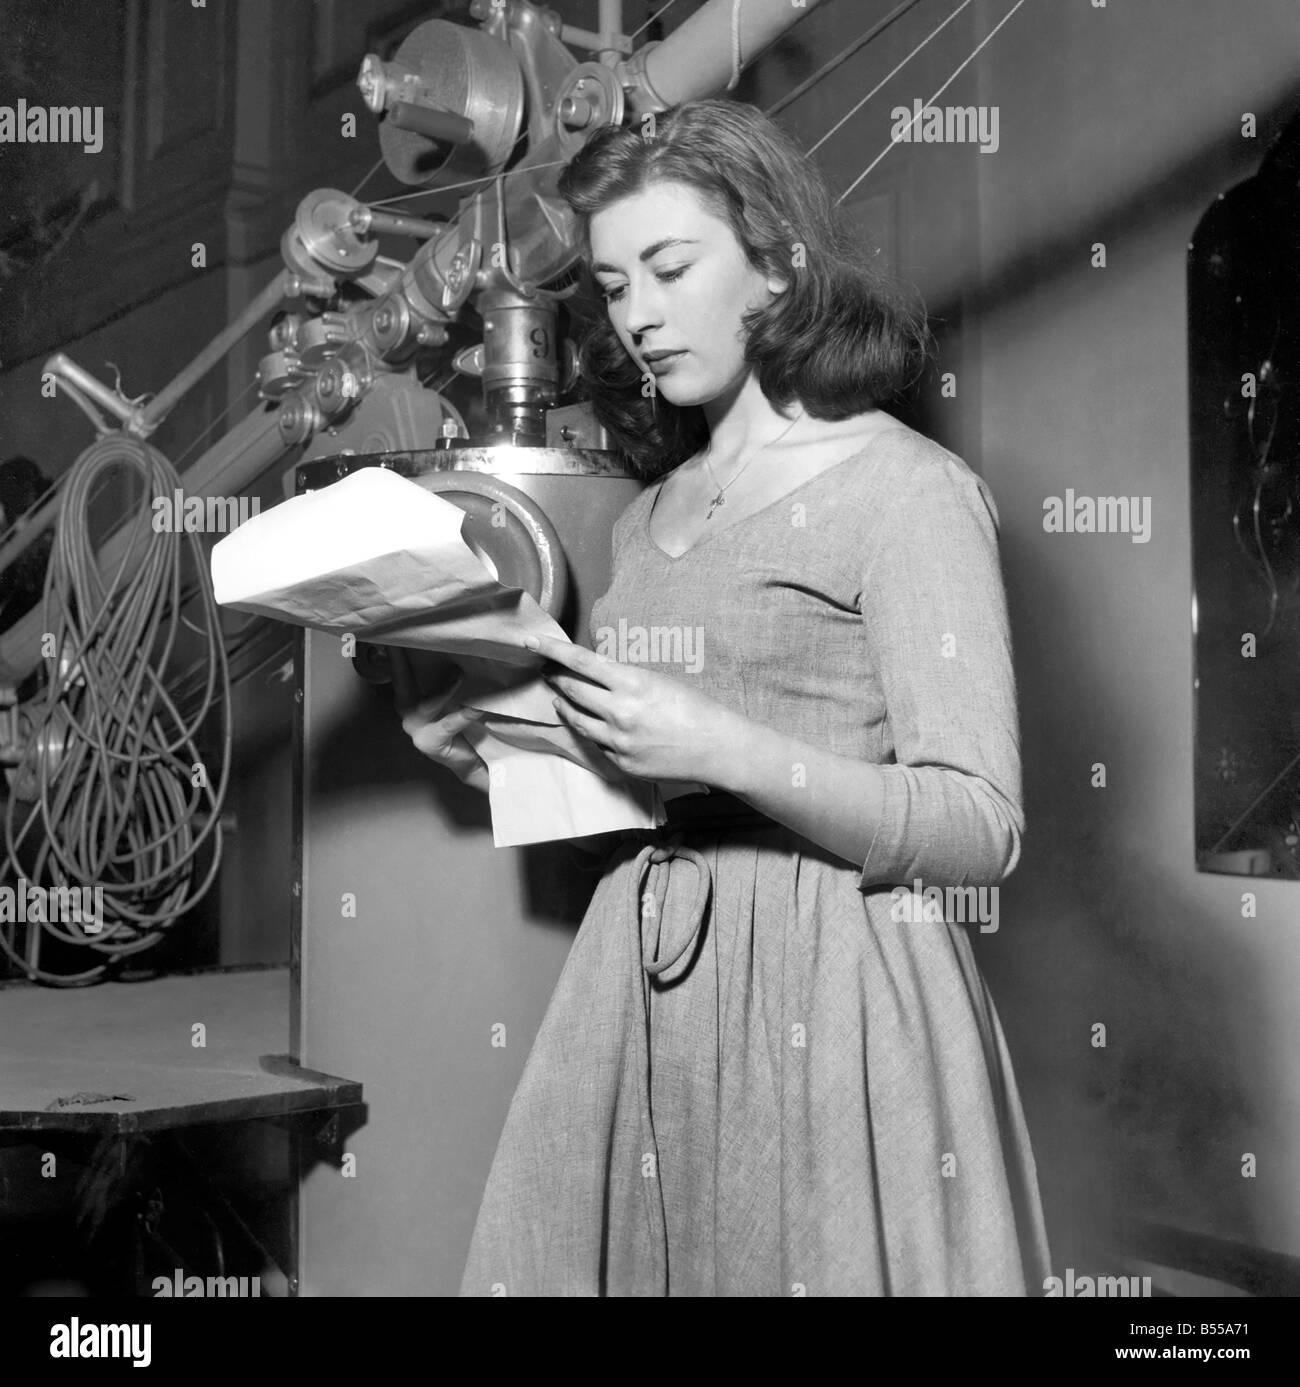 Watch Nanette Newman (born 1934) video